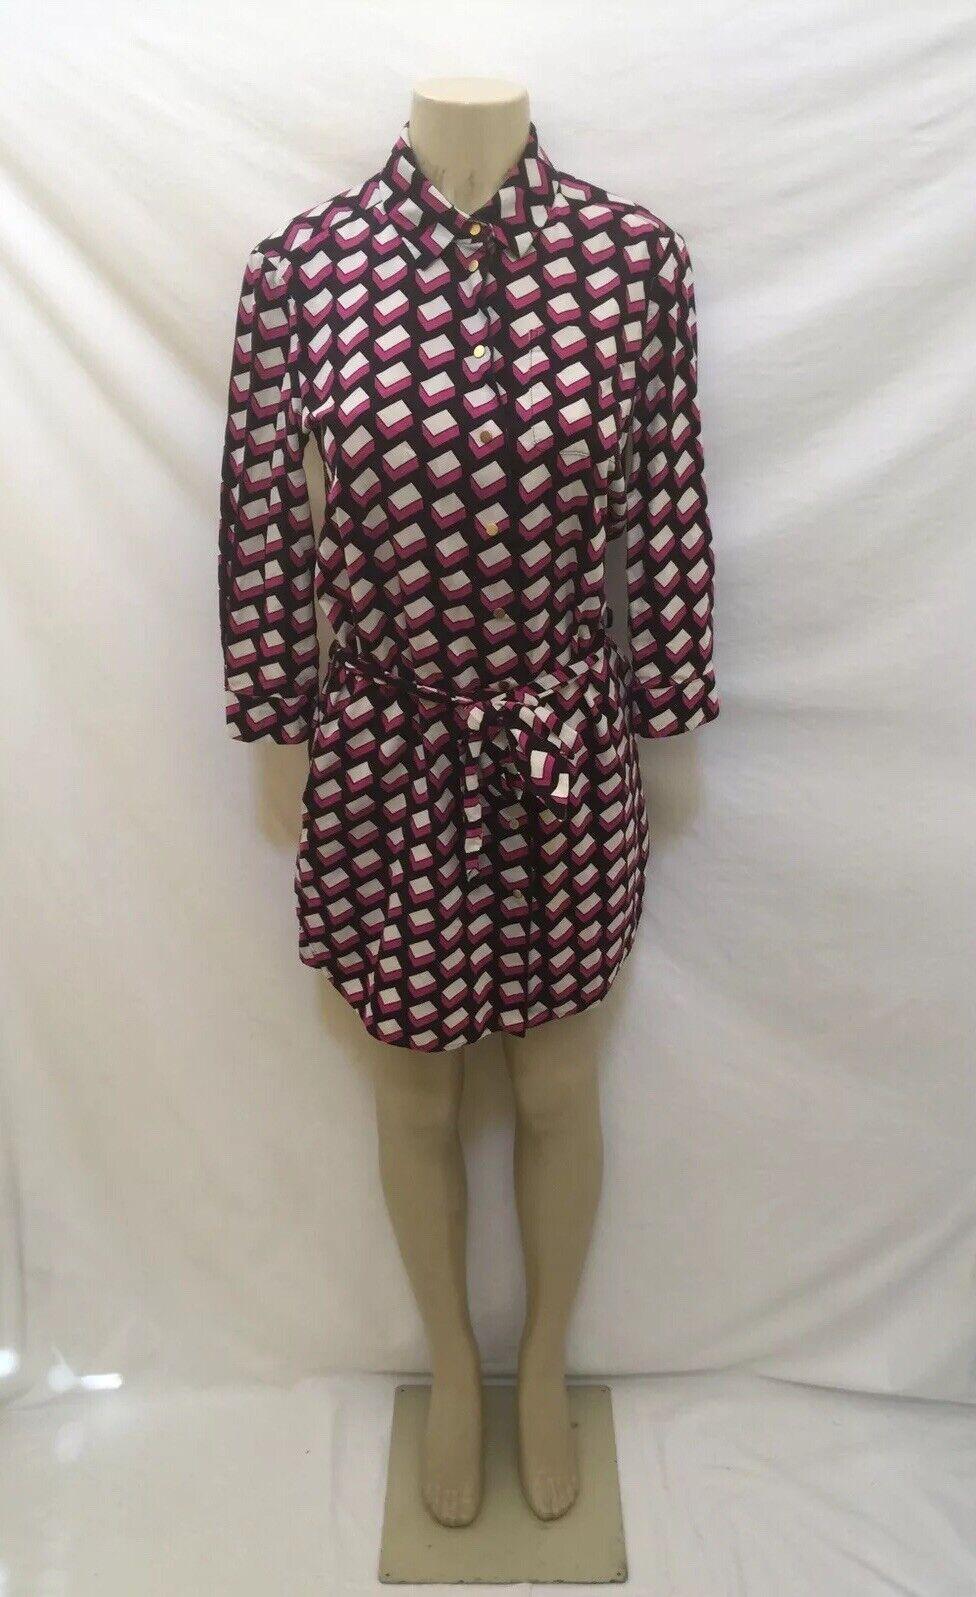 DVF DIANE VON FURSTENBERG Größe 2 Multi-Farbe Corduroy Cotton Shirt Dress W Belt